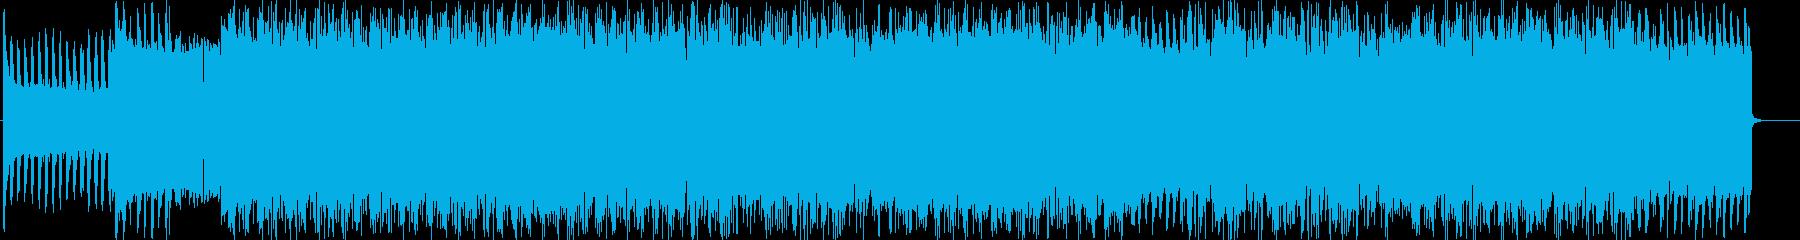 バトルシーンに使うような激しいBGMの再生済みの波形